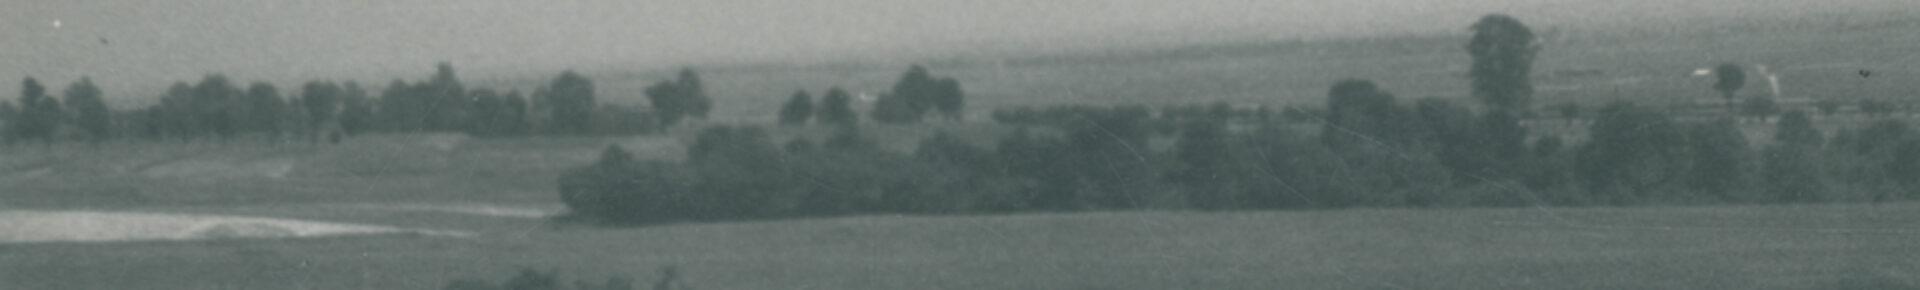 Planowany pod budowę Nowej Huty teren. Widok na Suchy Jar na północ od wsi Pleszów, 7 IX 1950, aut. fot.: Włochowicz CZPH (ANK, Huta im. Lenina, sygn. 29/777/fot. 5411)